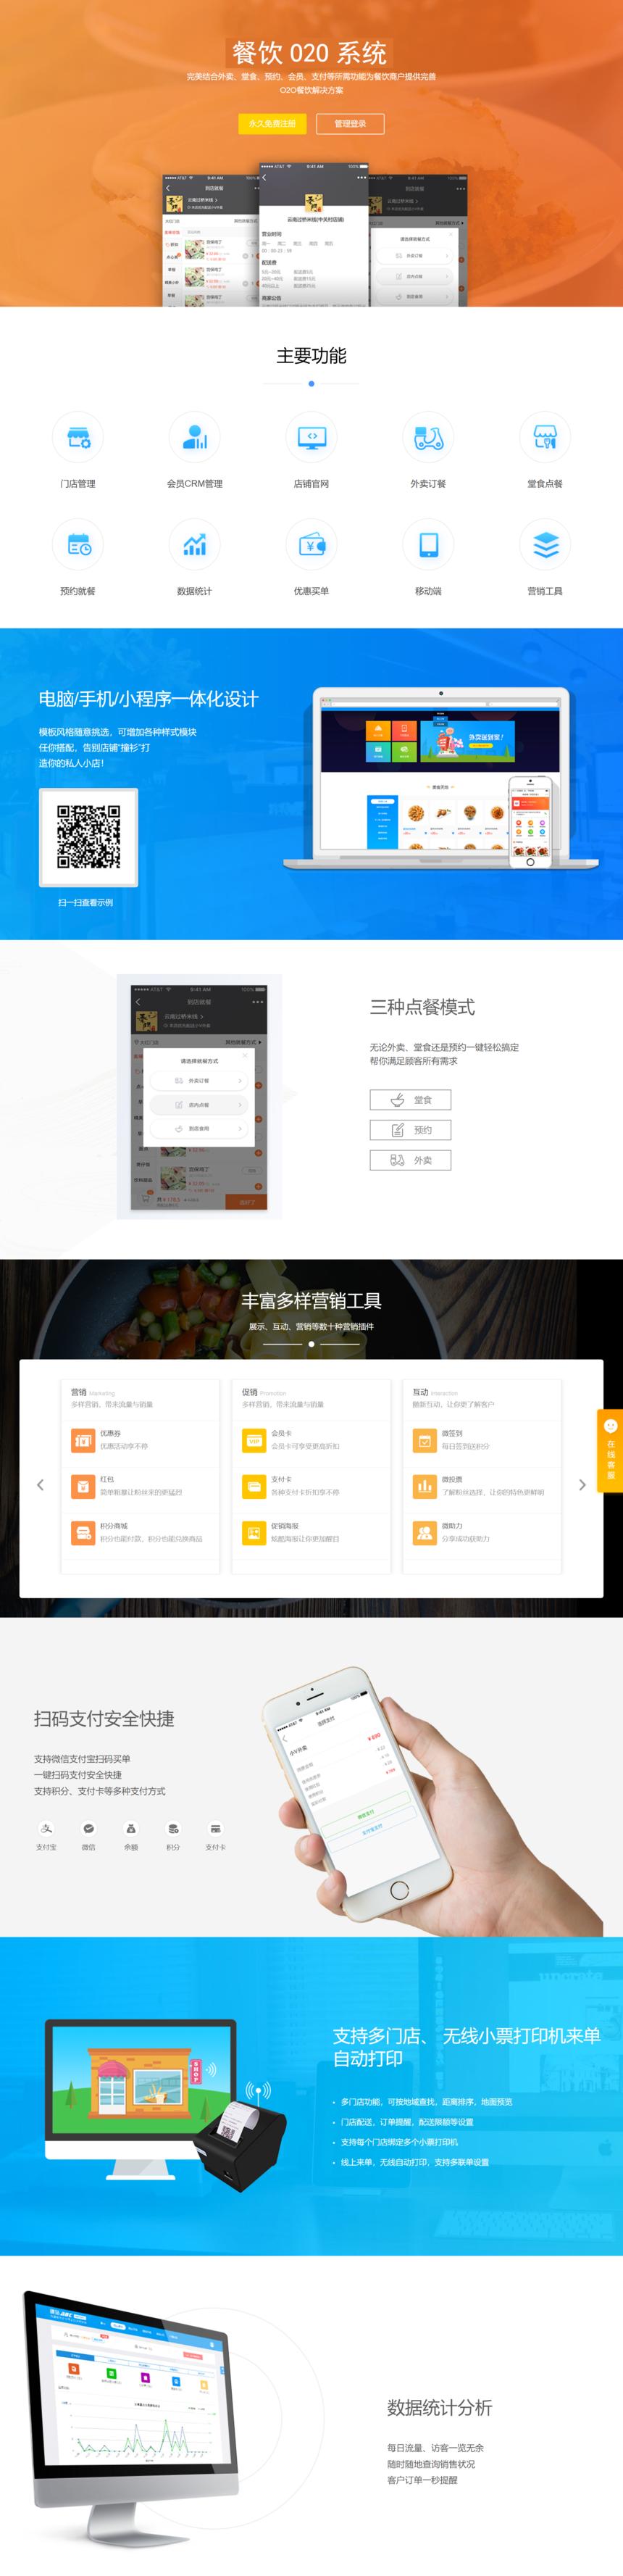 餐饮系统_微信餐饮系统_餐饮O2O_免费餐饮系统_建站ABC2.png